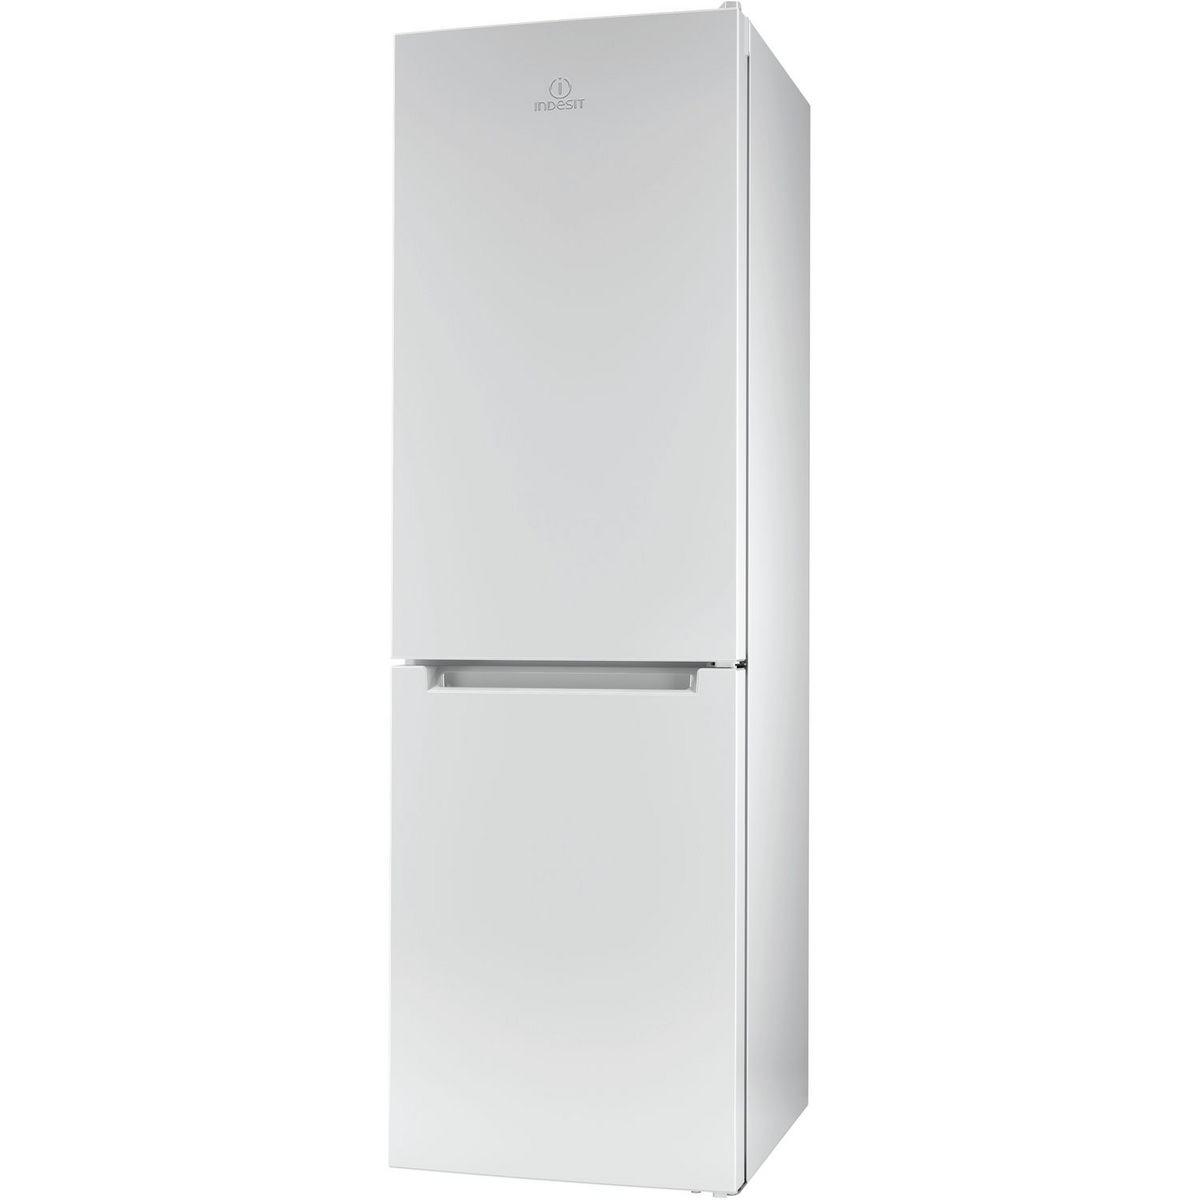 Réfrigérateur combiné XI8T1EW, 320 L, Froid No Frost